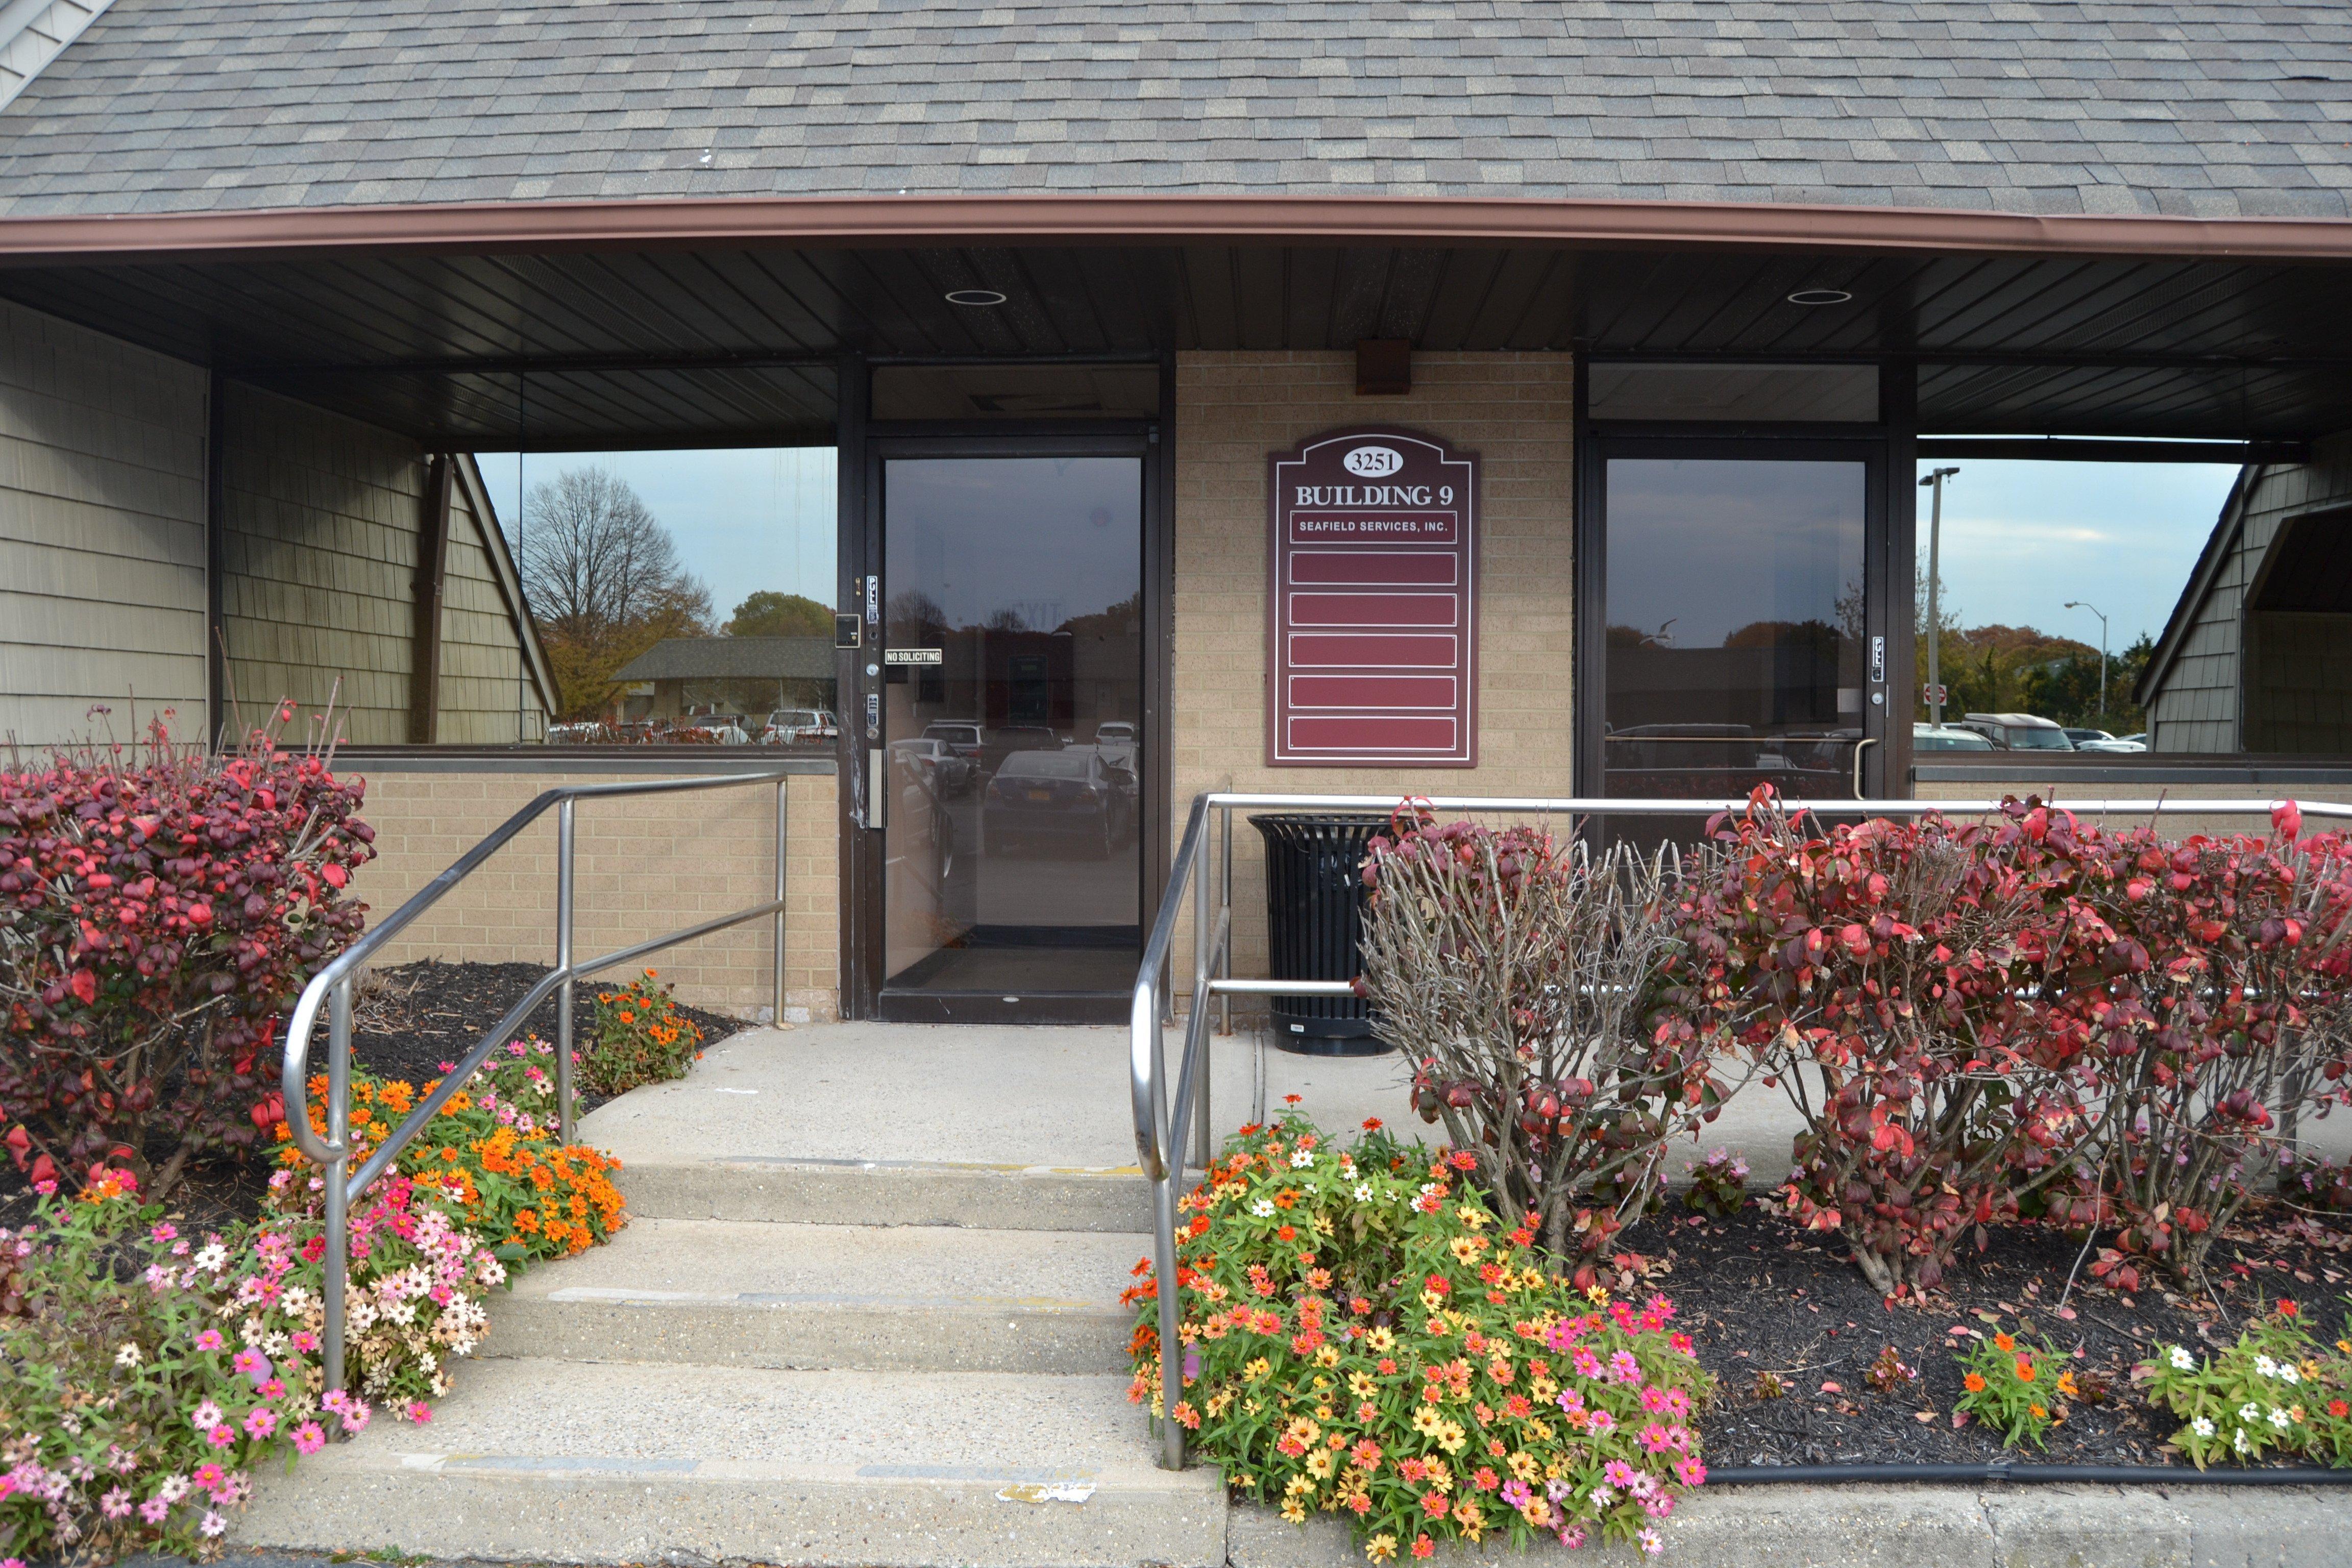 Exterior of Seafield rehab facility - Medford NY